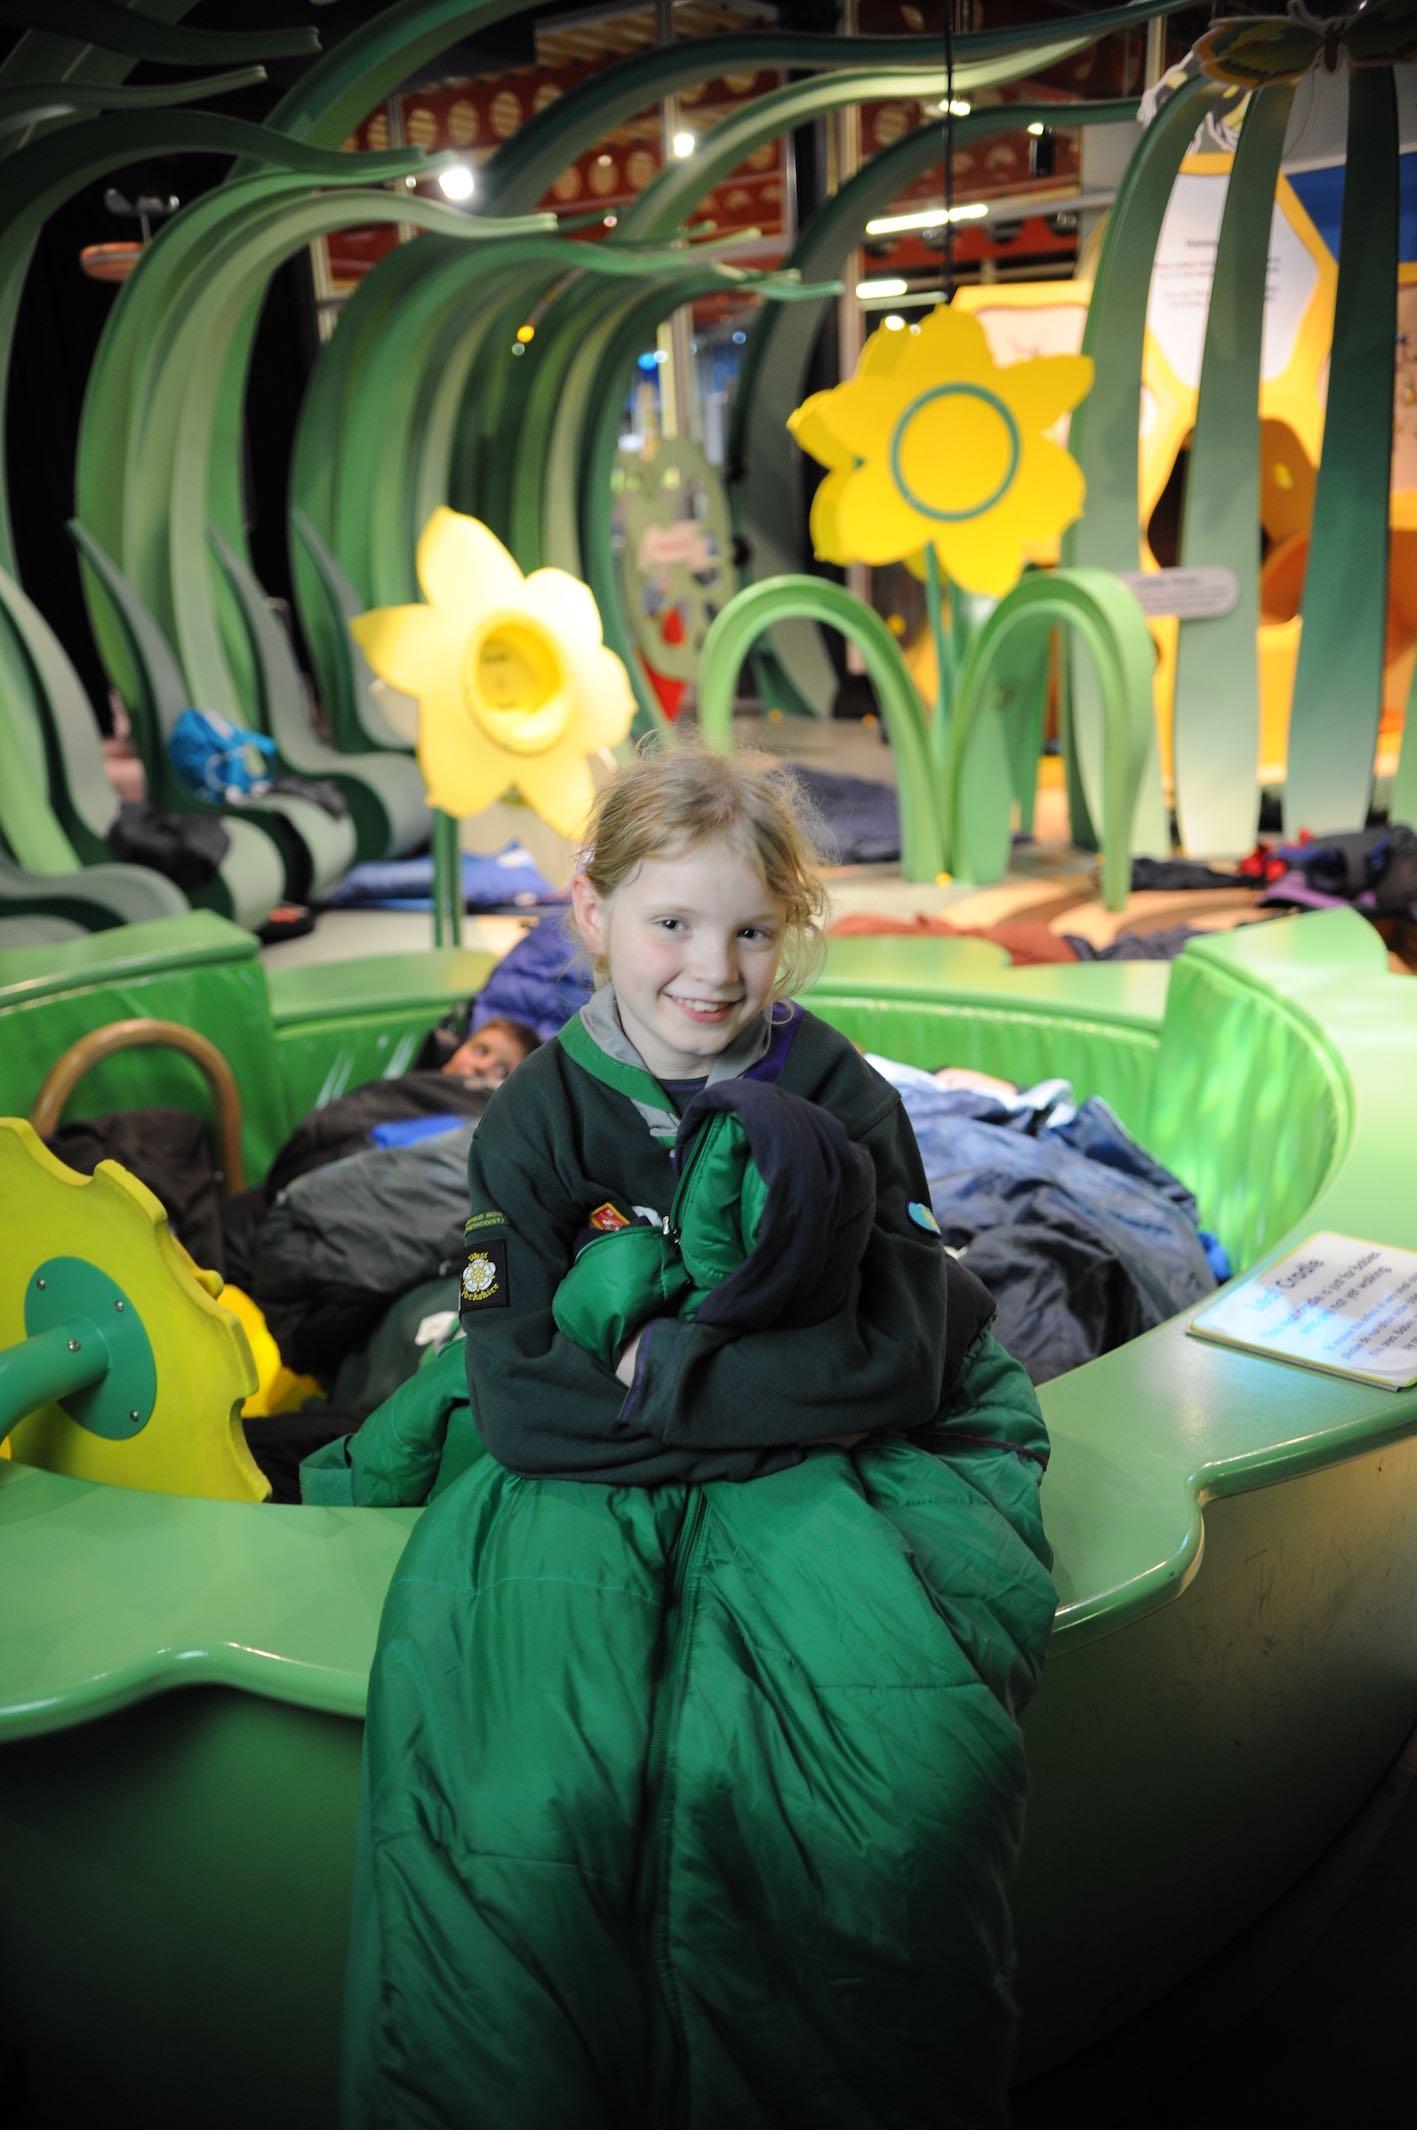 c58a85217 Kids' museum sleepovers in the UK | Children's sleepovers in UK museums |  TheSchoolRun